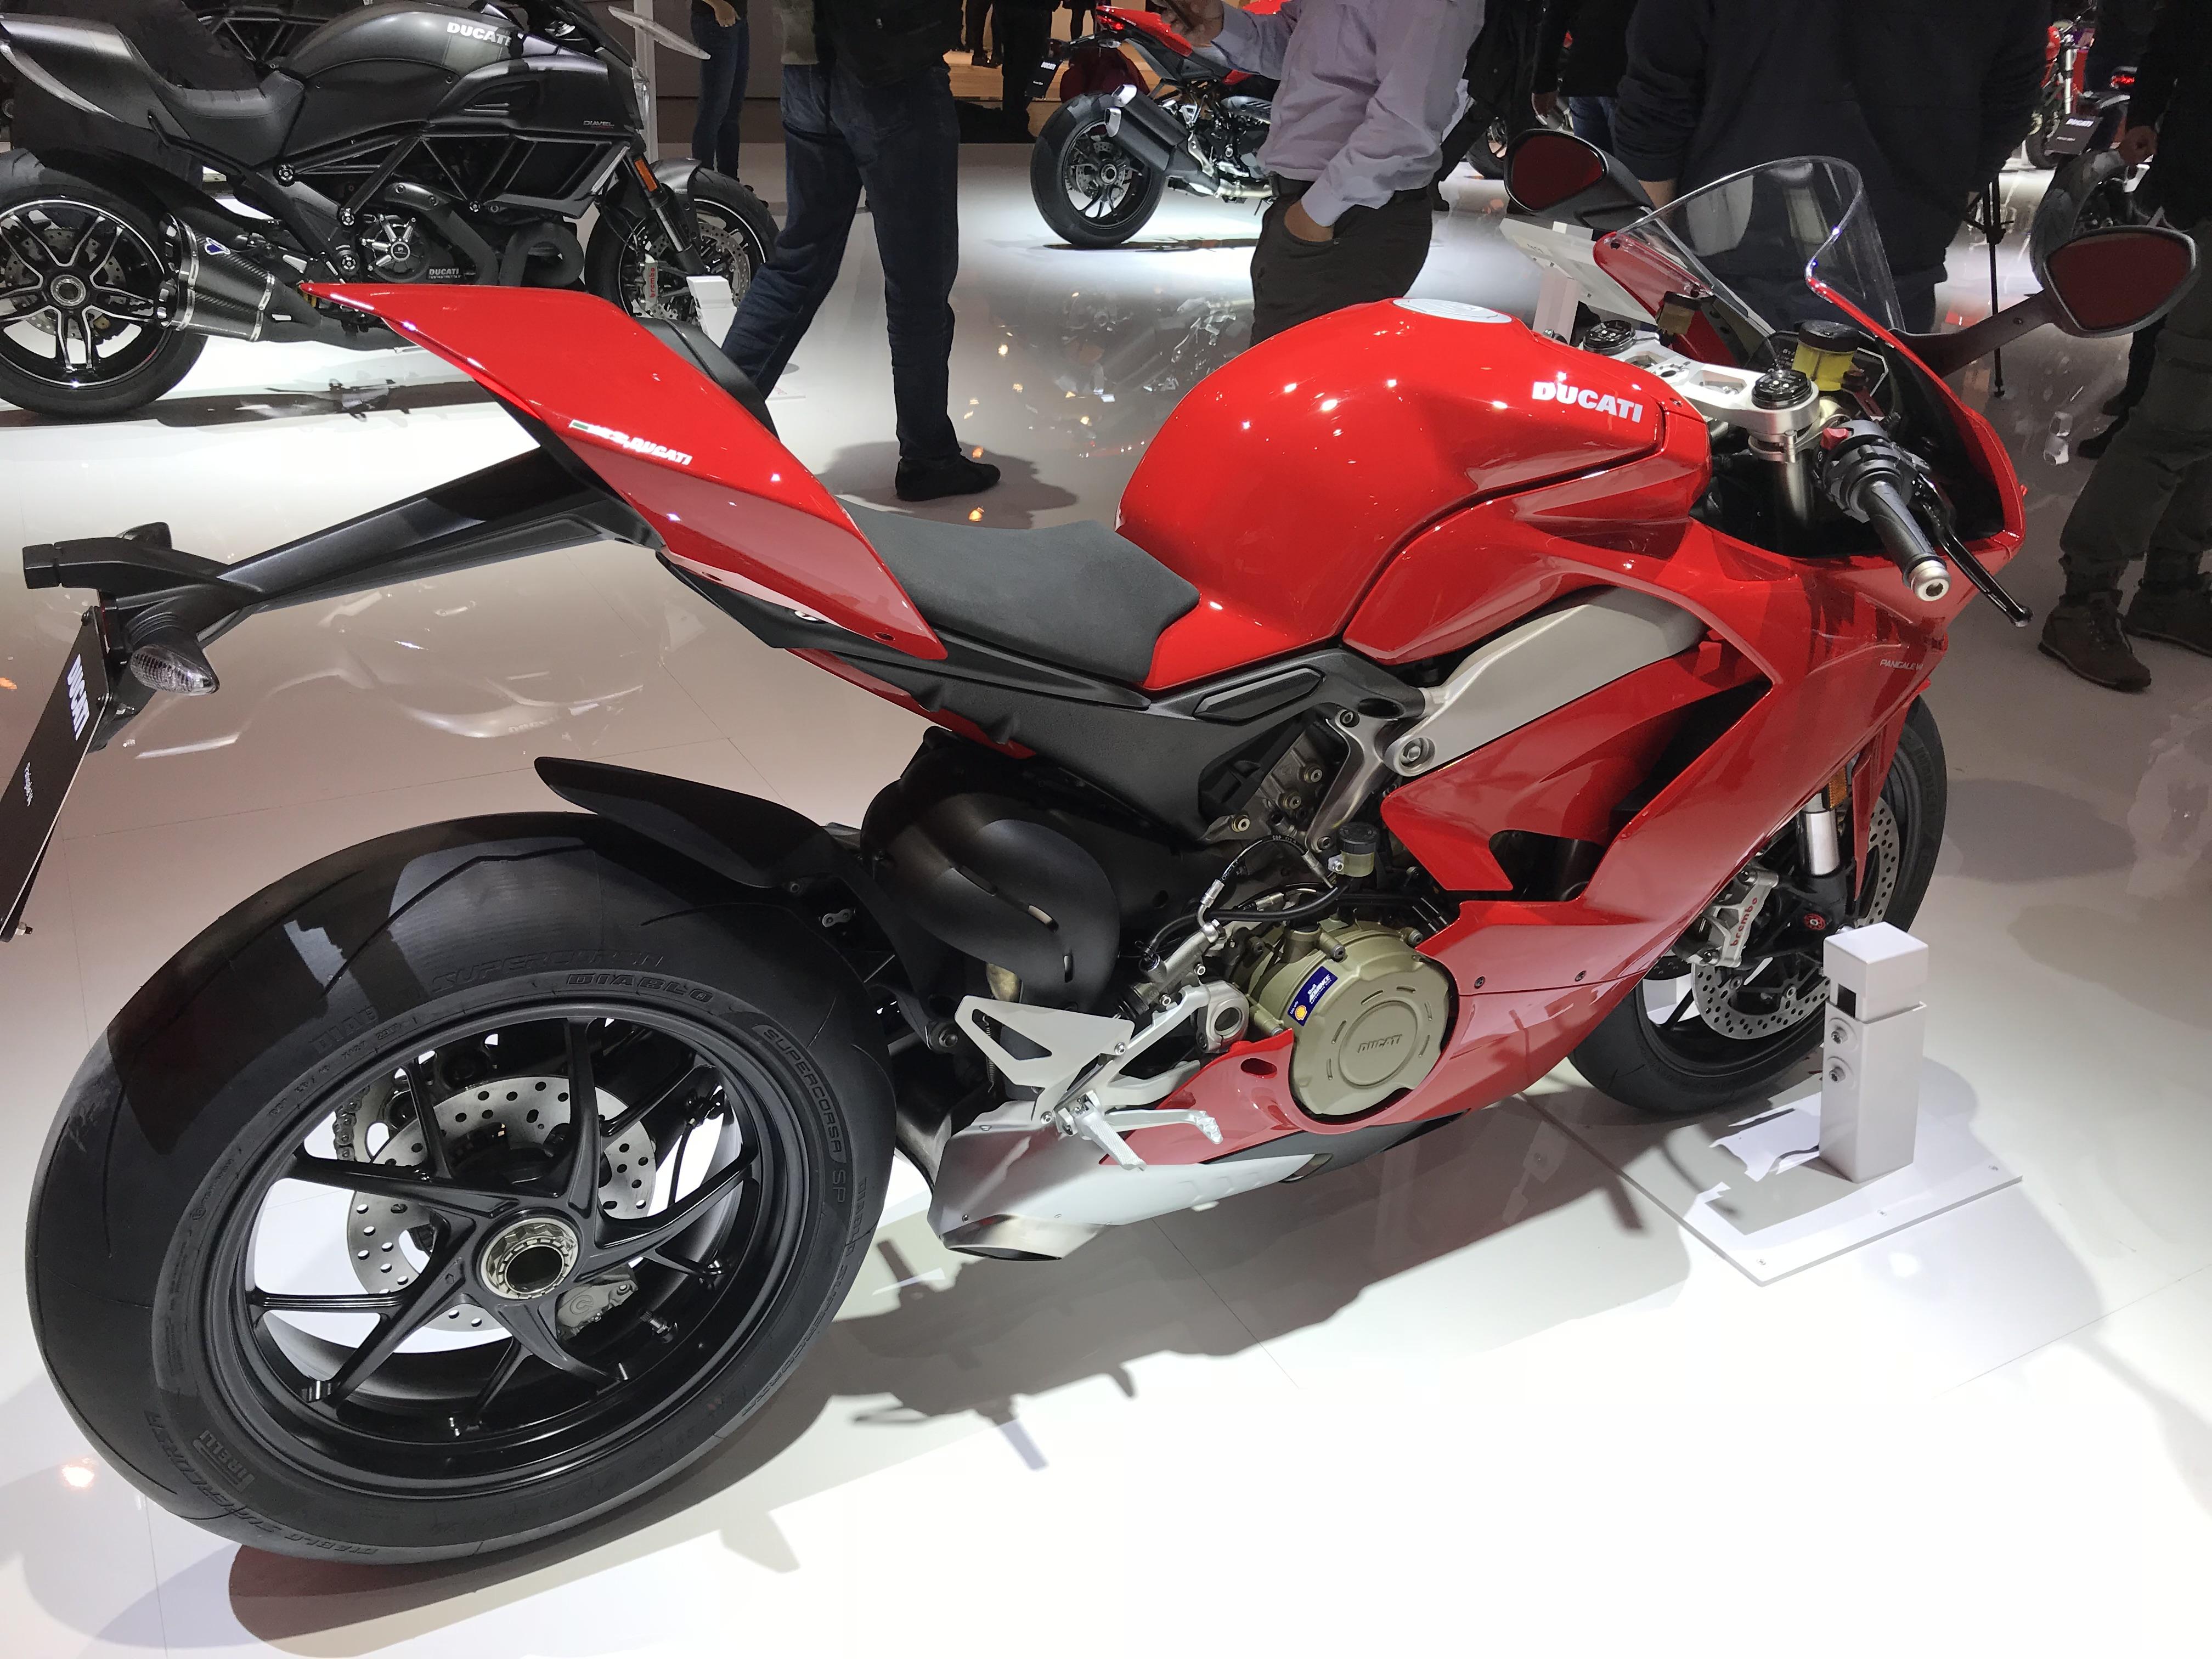 Ducati V4 Panigale